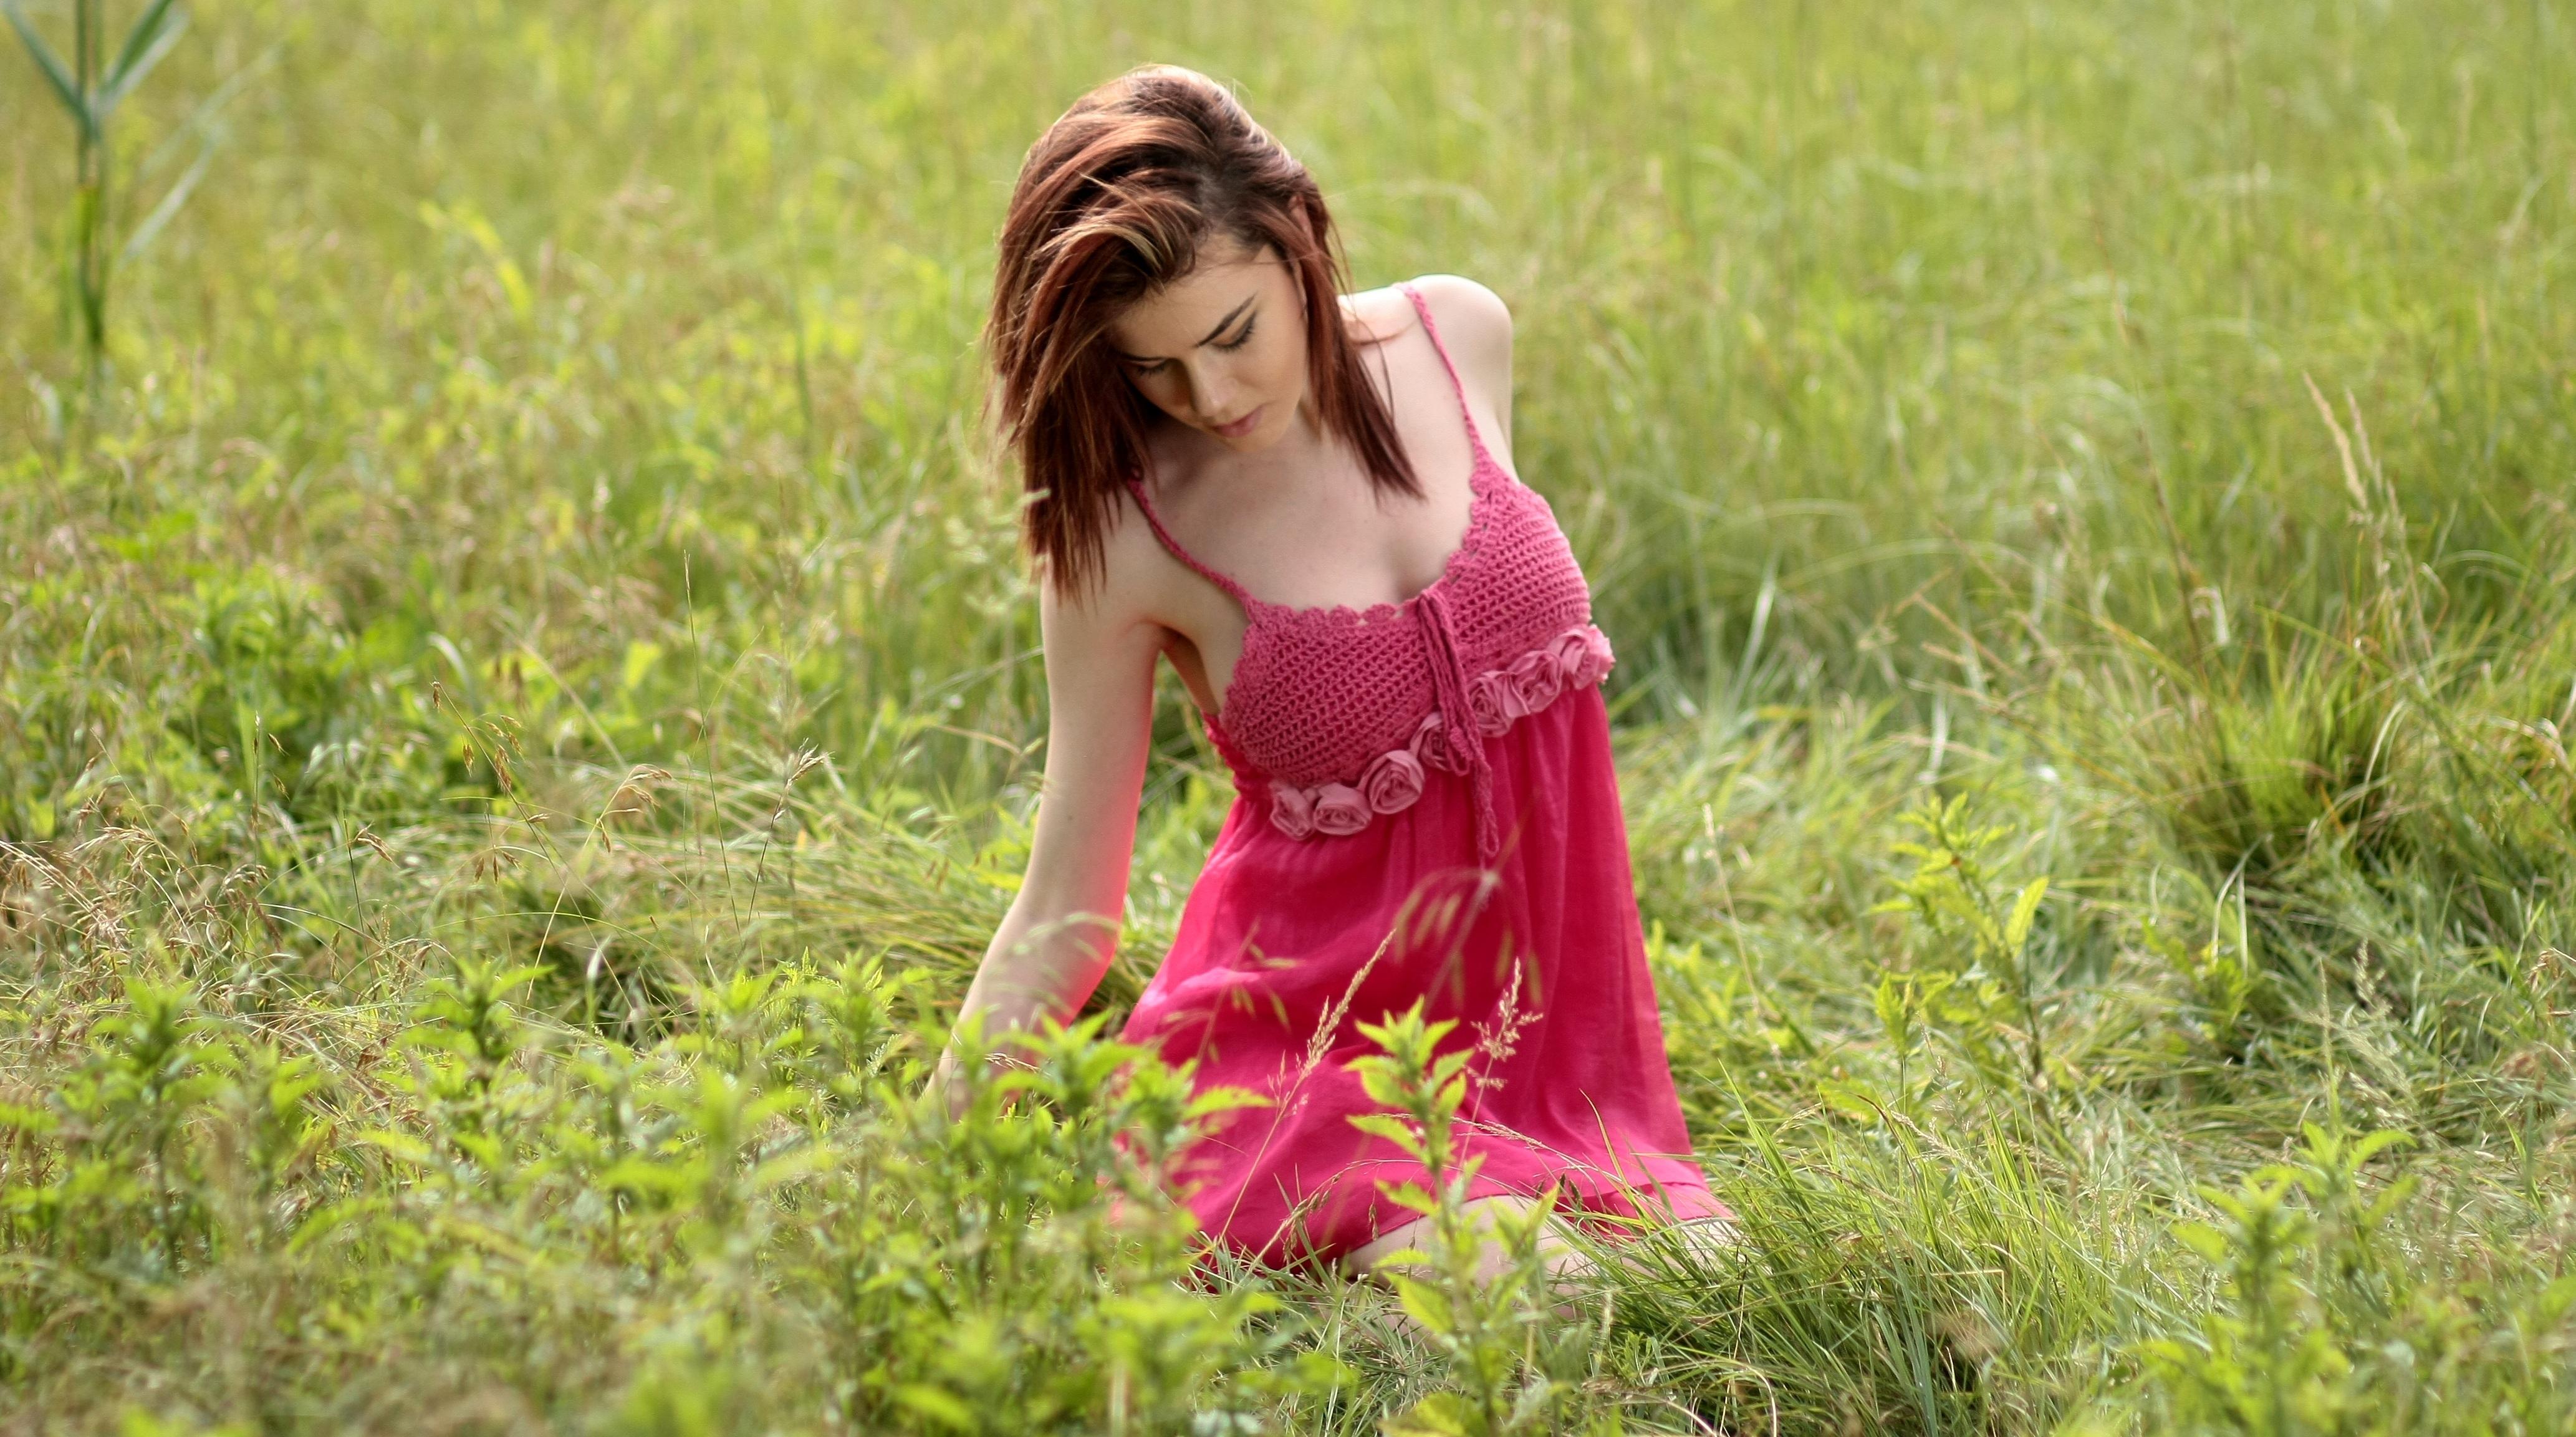 Fotoğraf : doğa, çimen, dış mekan, insanlar, kız, kadın